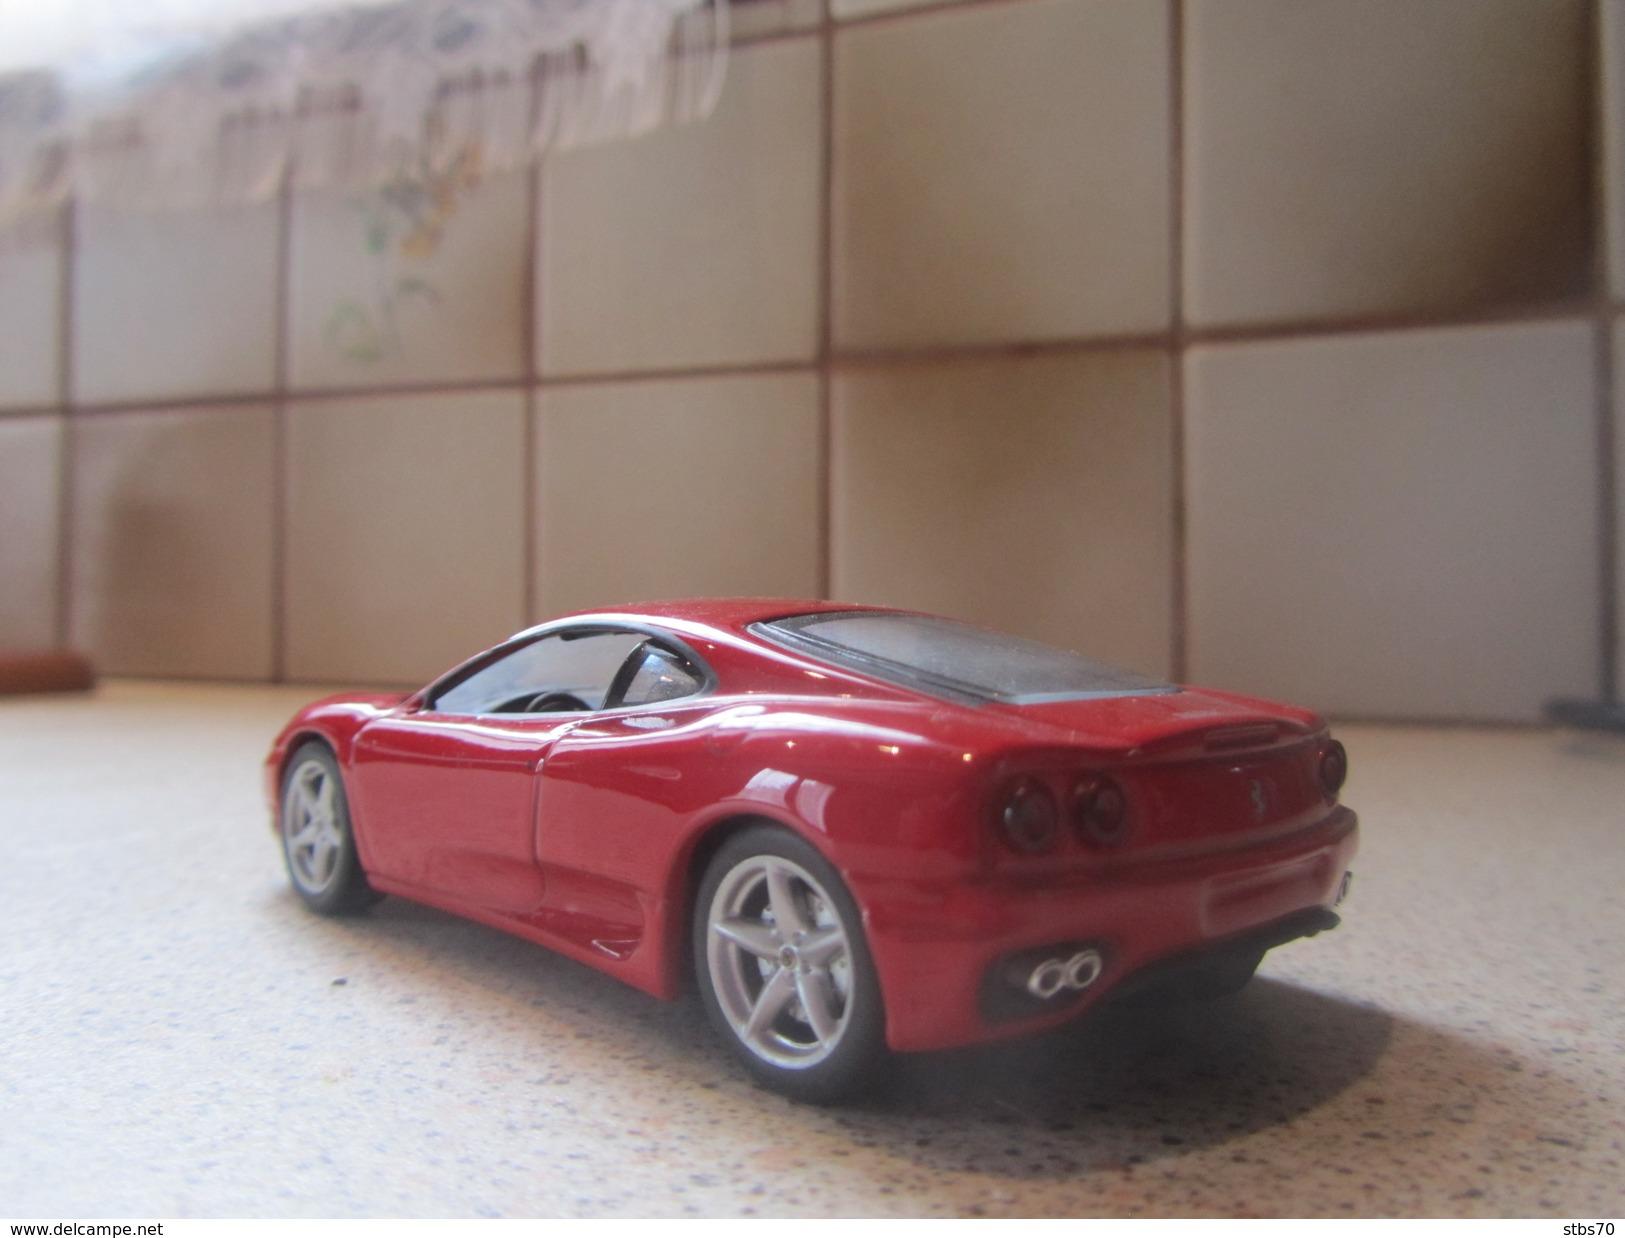 Ferrari 360 Modena, 1/43 (BB40) - Other